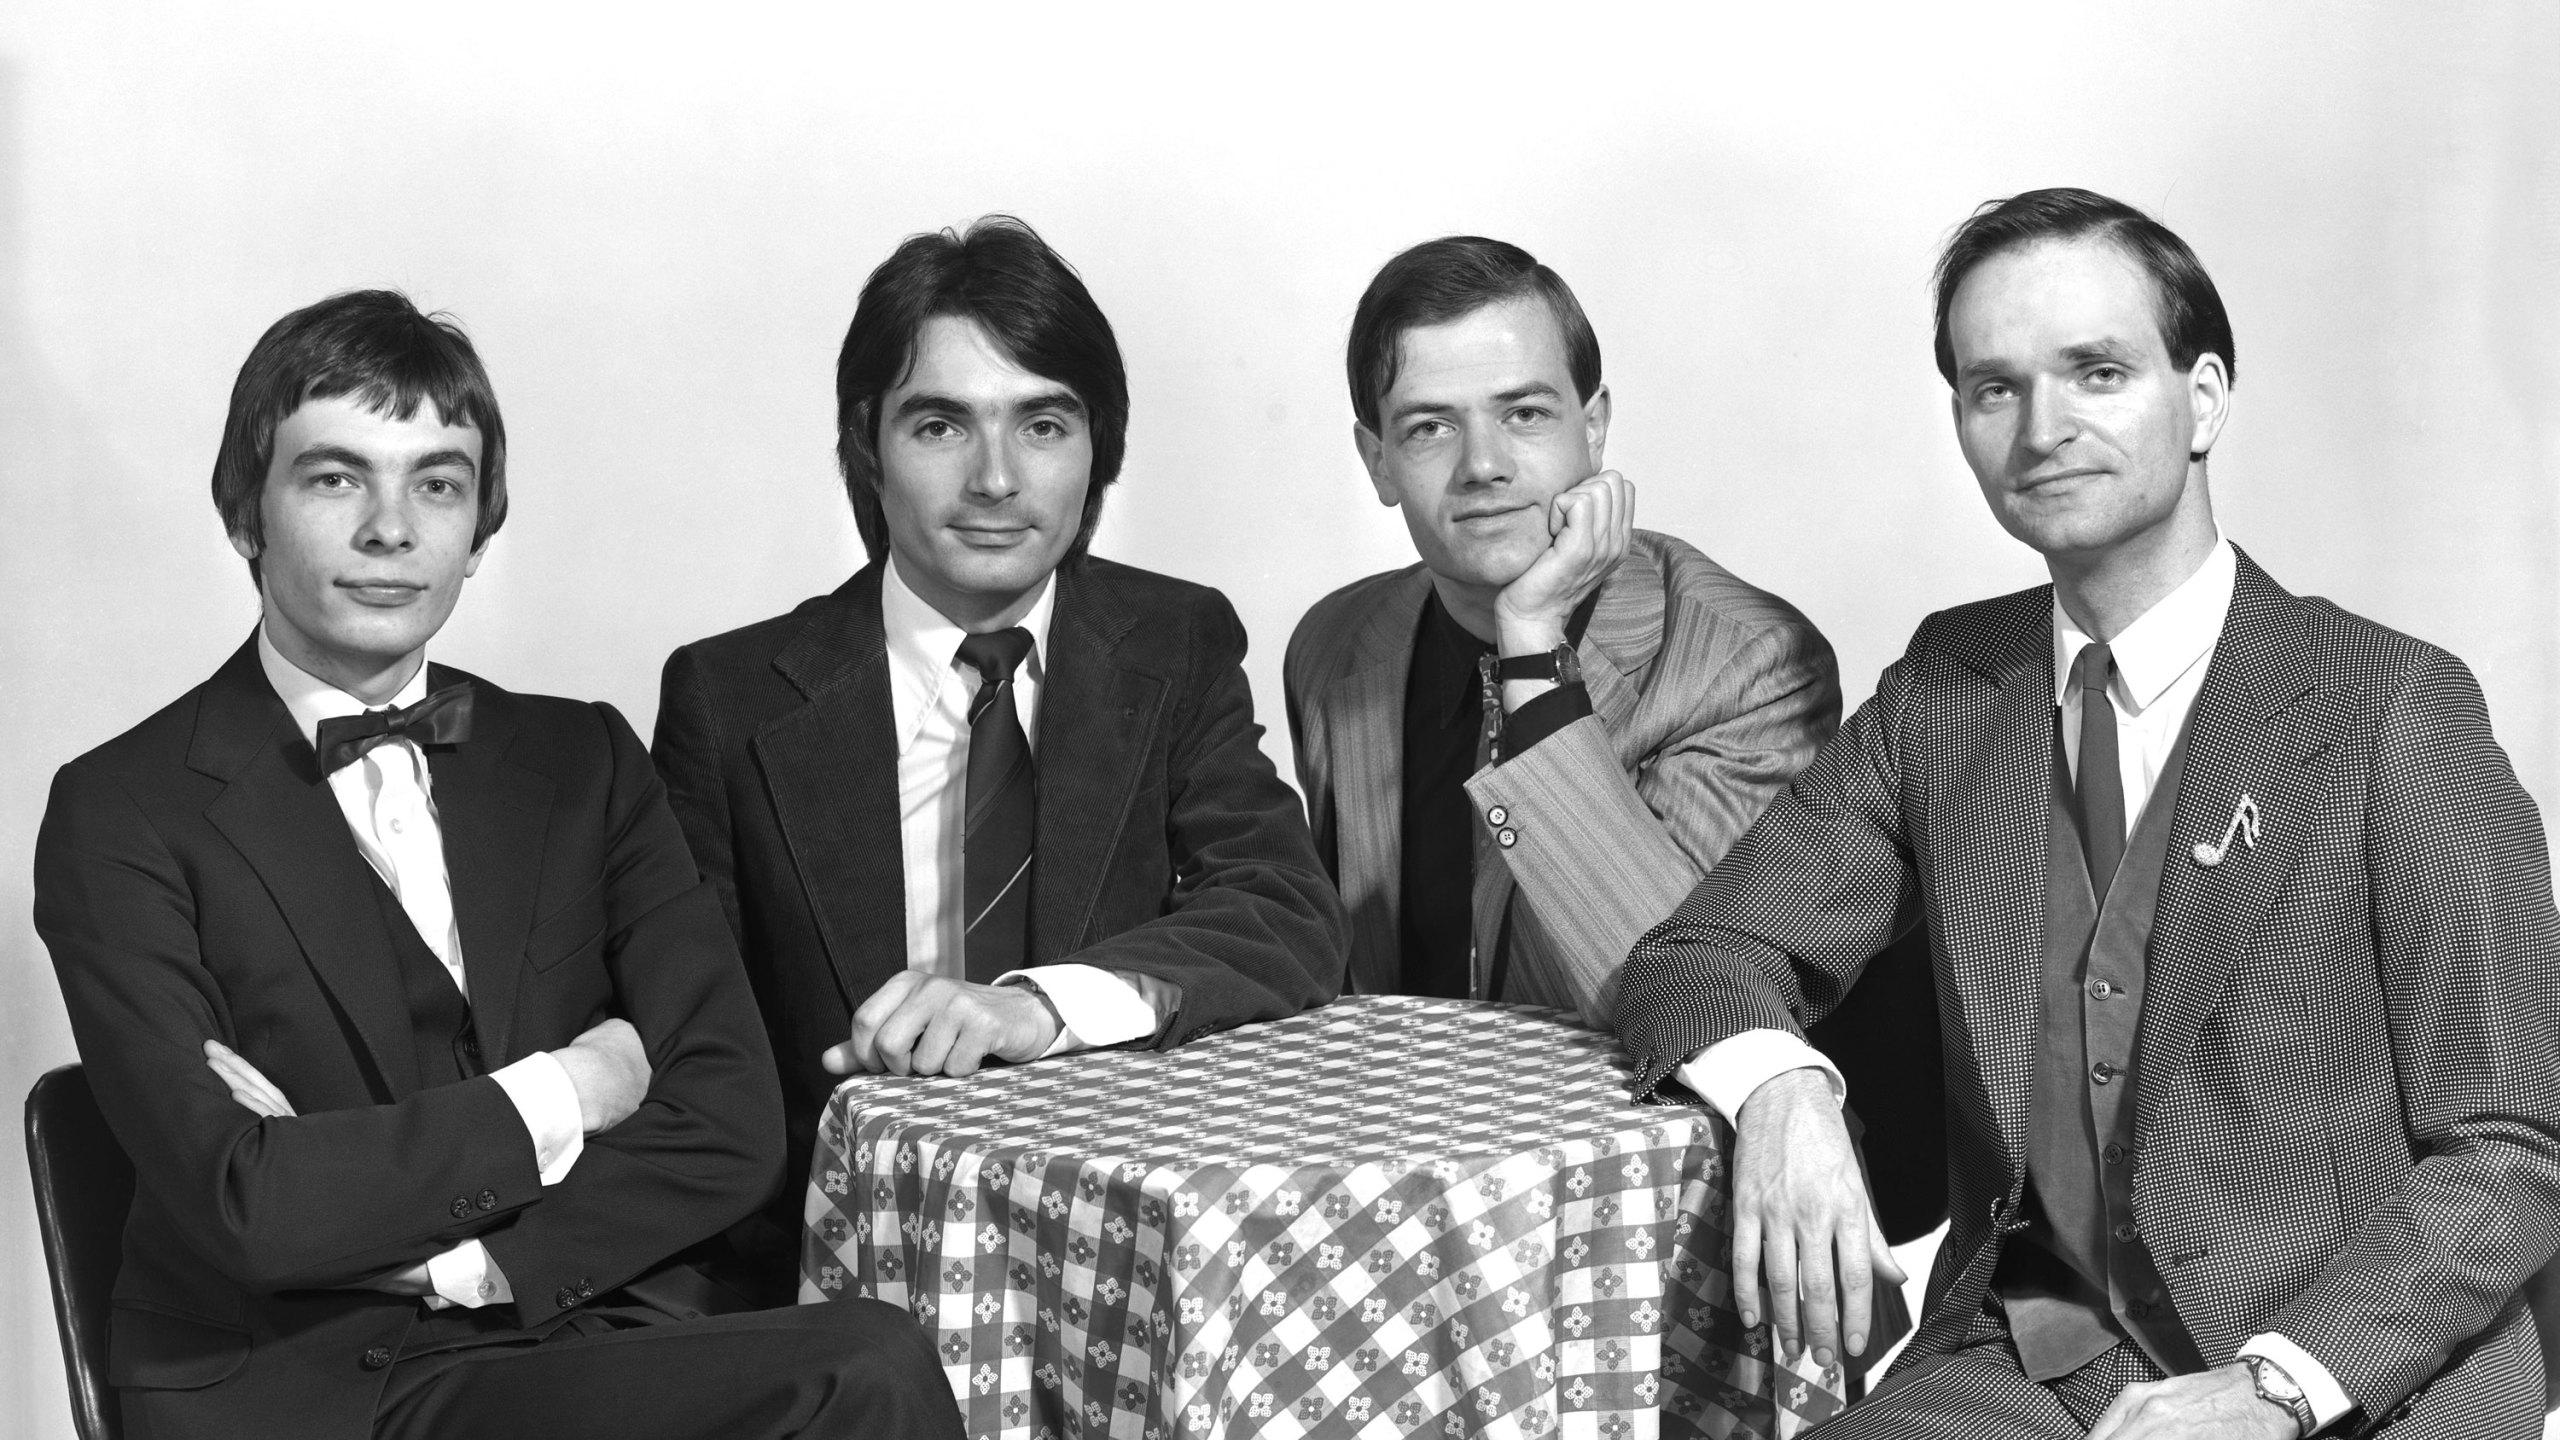 Florian Schneider, co-founder of Kraftwerk, dies at 73 | FOX 2